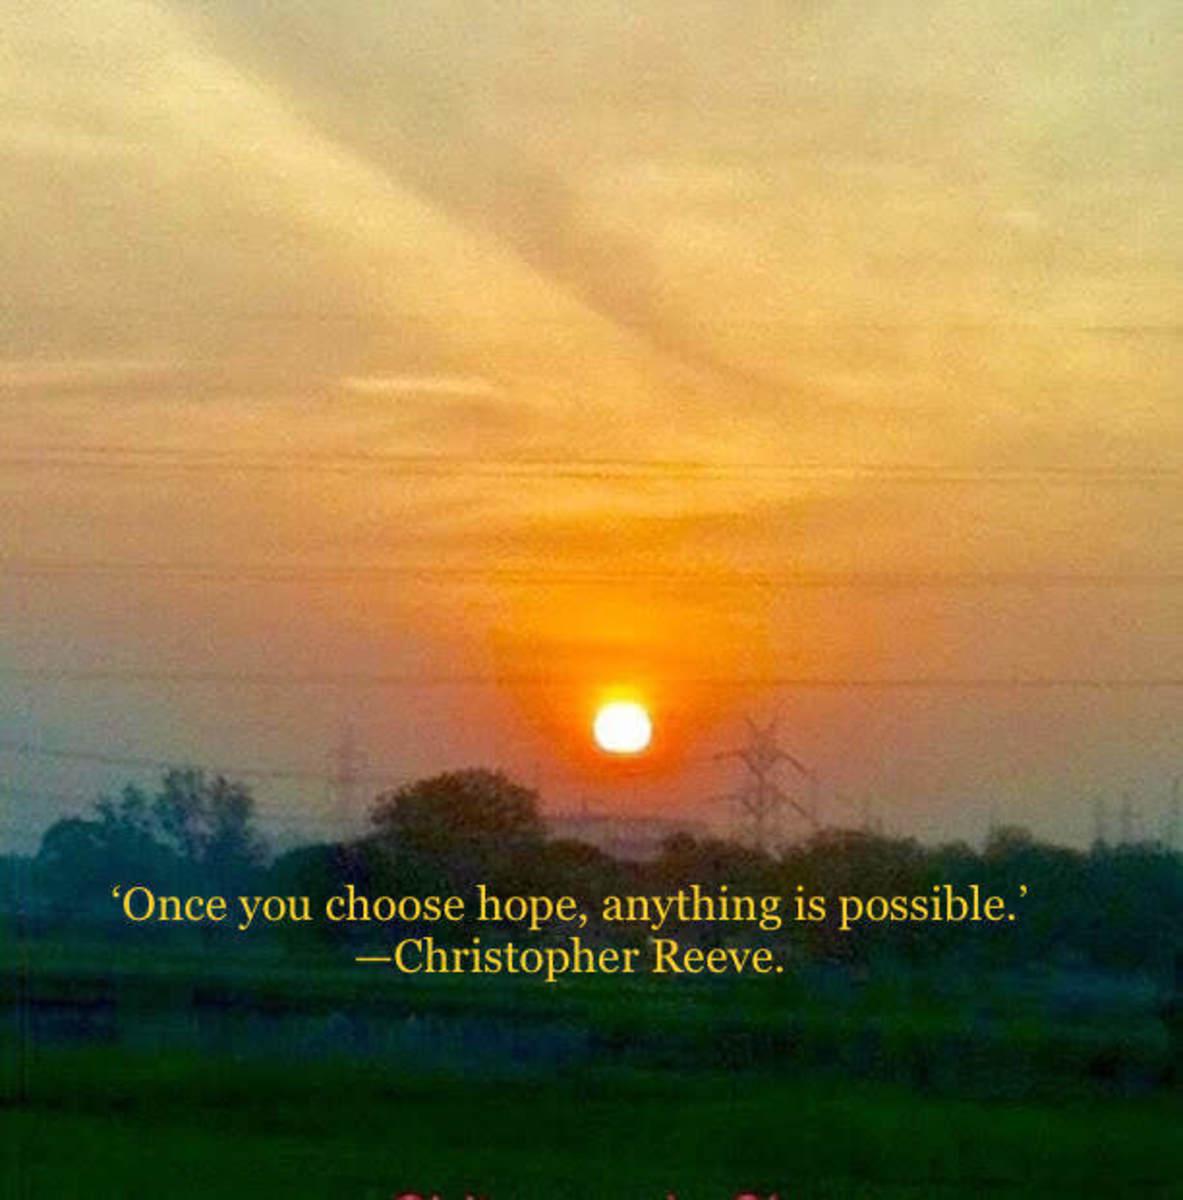 Sunrise—New day, New Hopes